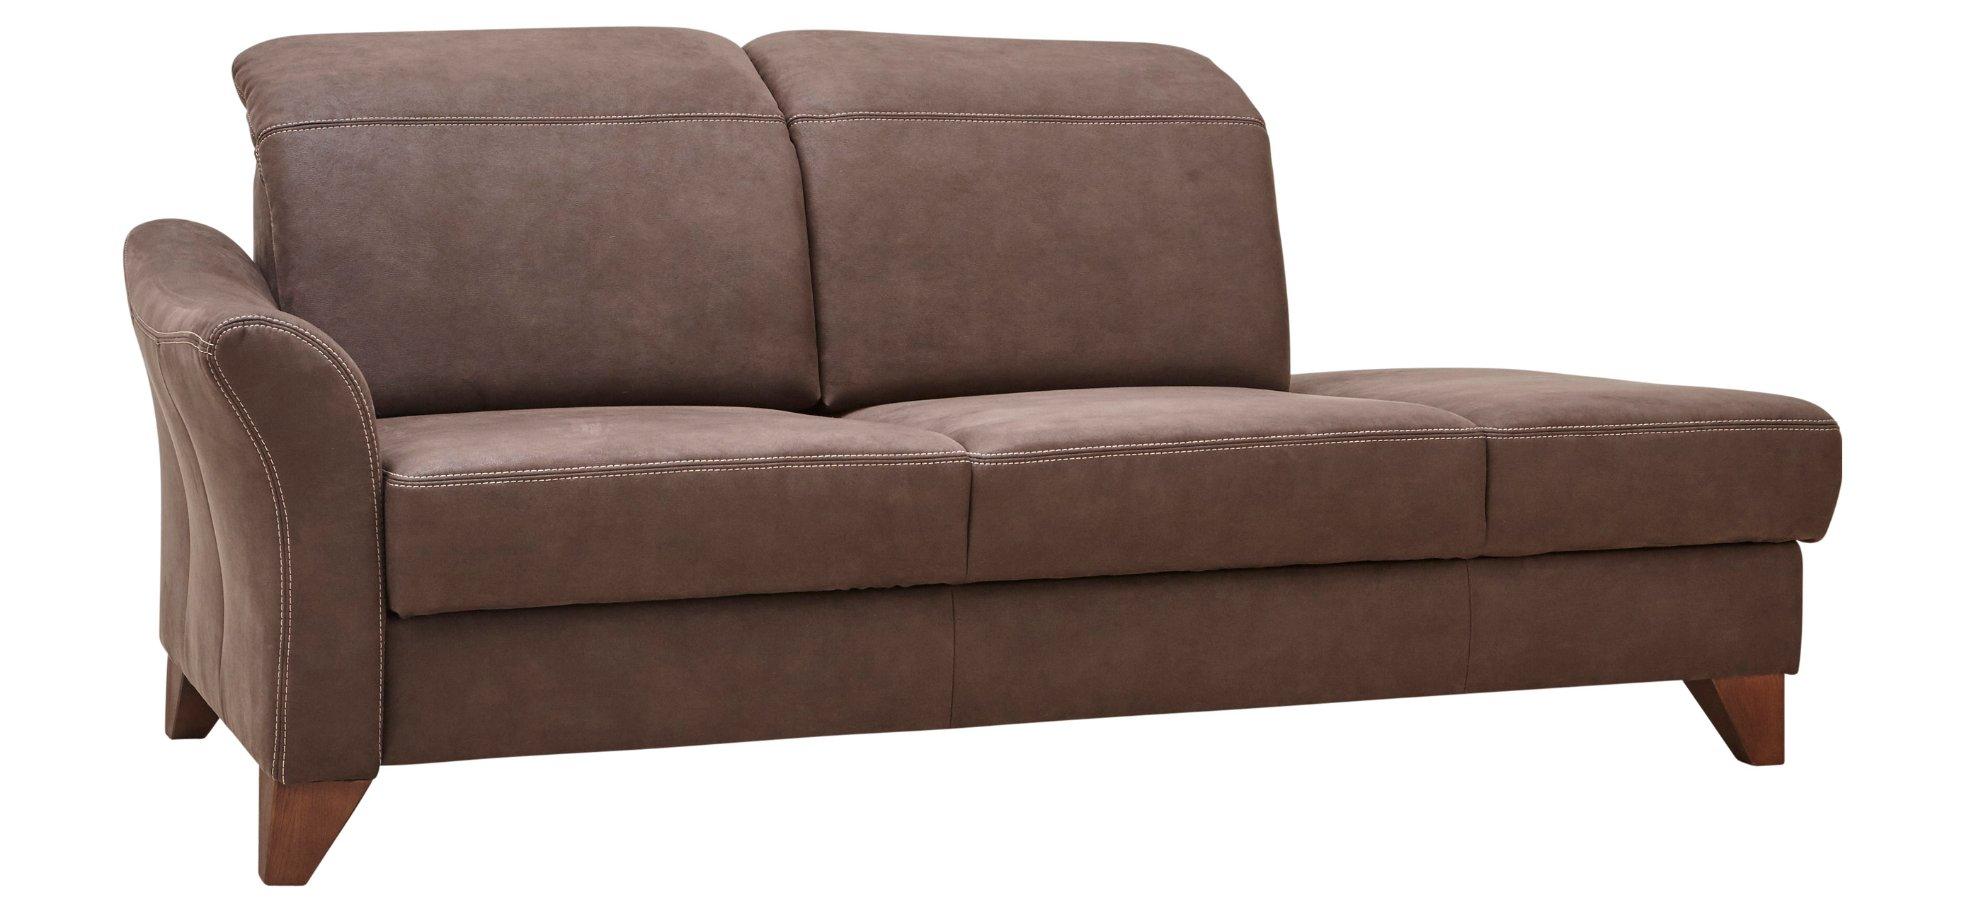 Full Size of Recamiere Samt Sofa Mit Ikea Kivik 4er Ledersofa Ektorp 3er Rechts Wohnzimmer Recamiere Samt